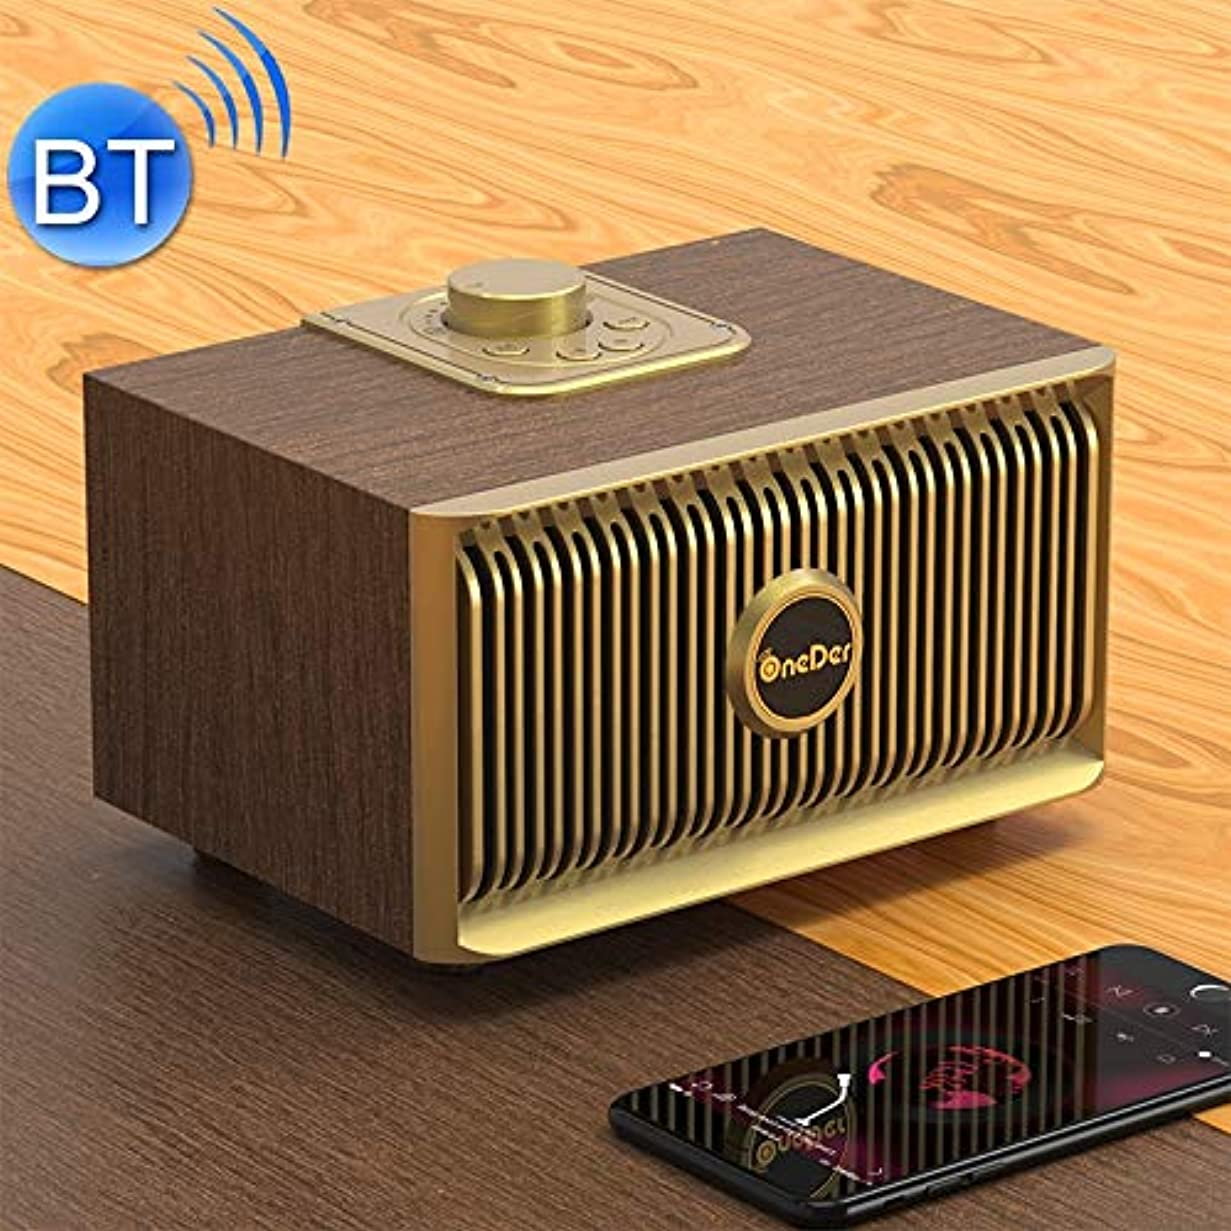 虚栄心喉が渇いた掻くShiduoone 新しいV5ポータブル無線通信のBluetoothスピーカー新、サポートハンズフリー&FM&TFカード&AUX&USBドライブ(ブロンズ) (色 : ブロンズ)